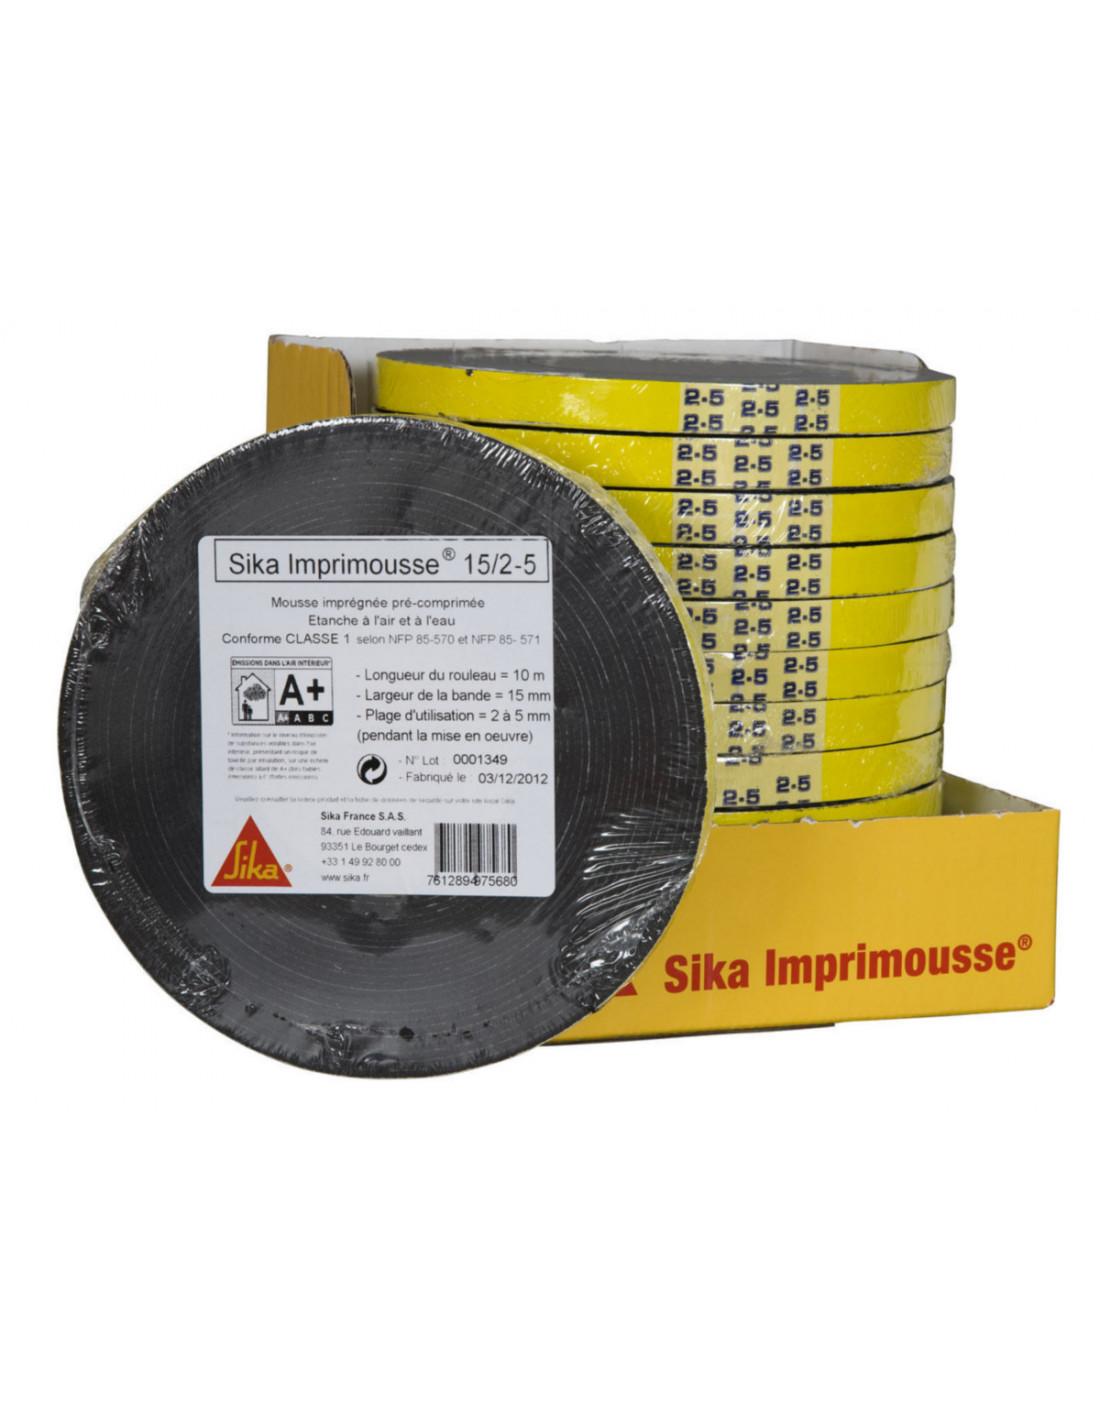 Mousse Sur Portail Pvc sika imprimousse® 15/2-5 mousse pré-comprimée imprégnée de résine  synthétique - 10m